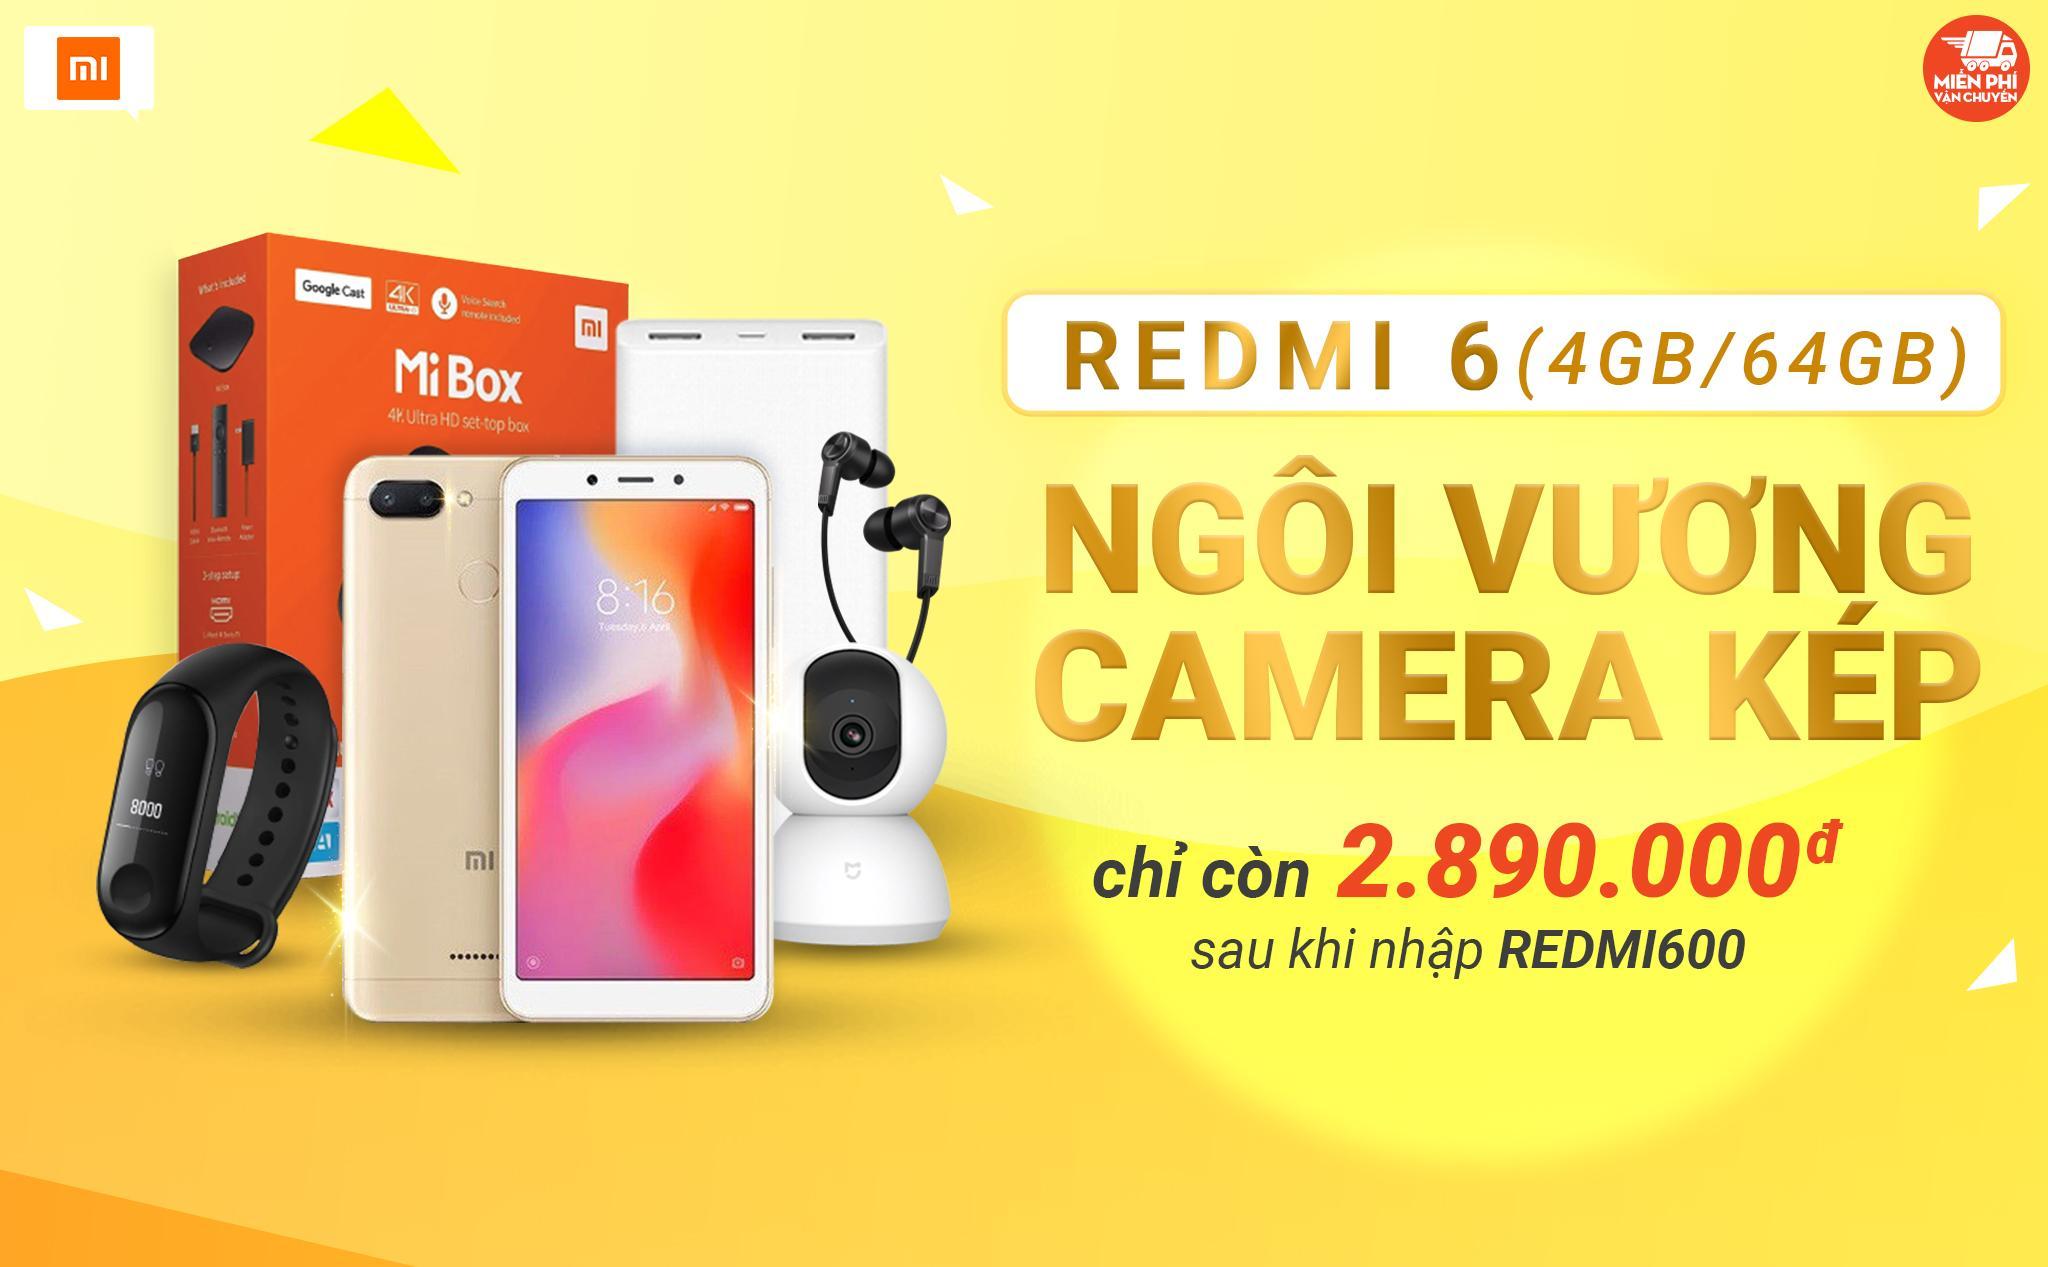 Xiaomi Redmi 6 sale chấn động còn 2 triệu 890 nghìn đồng, chỉ duy nhất ngày 05/12 - Ảnh 1.